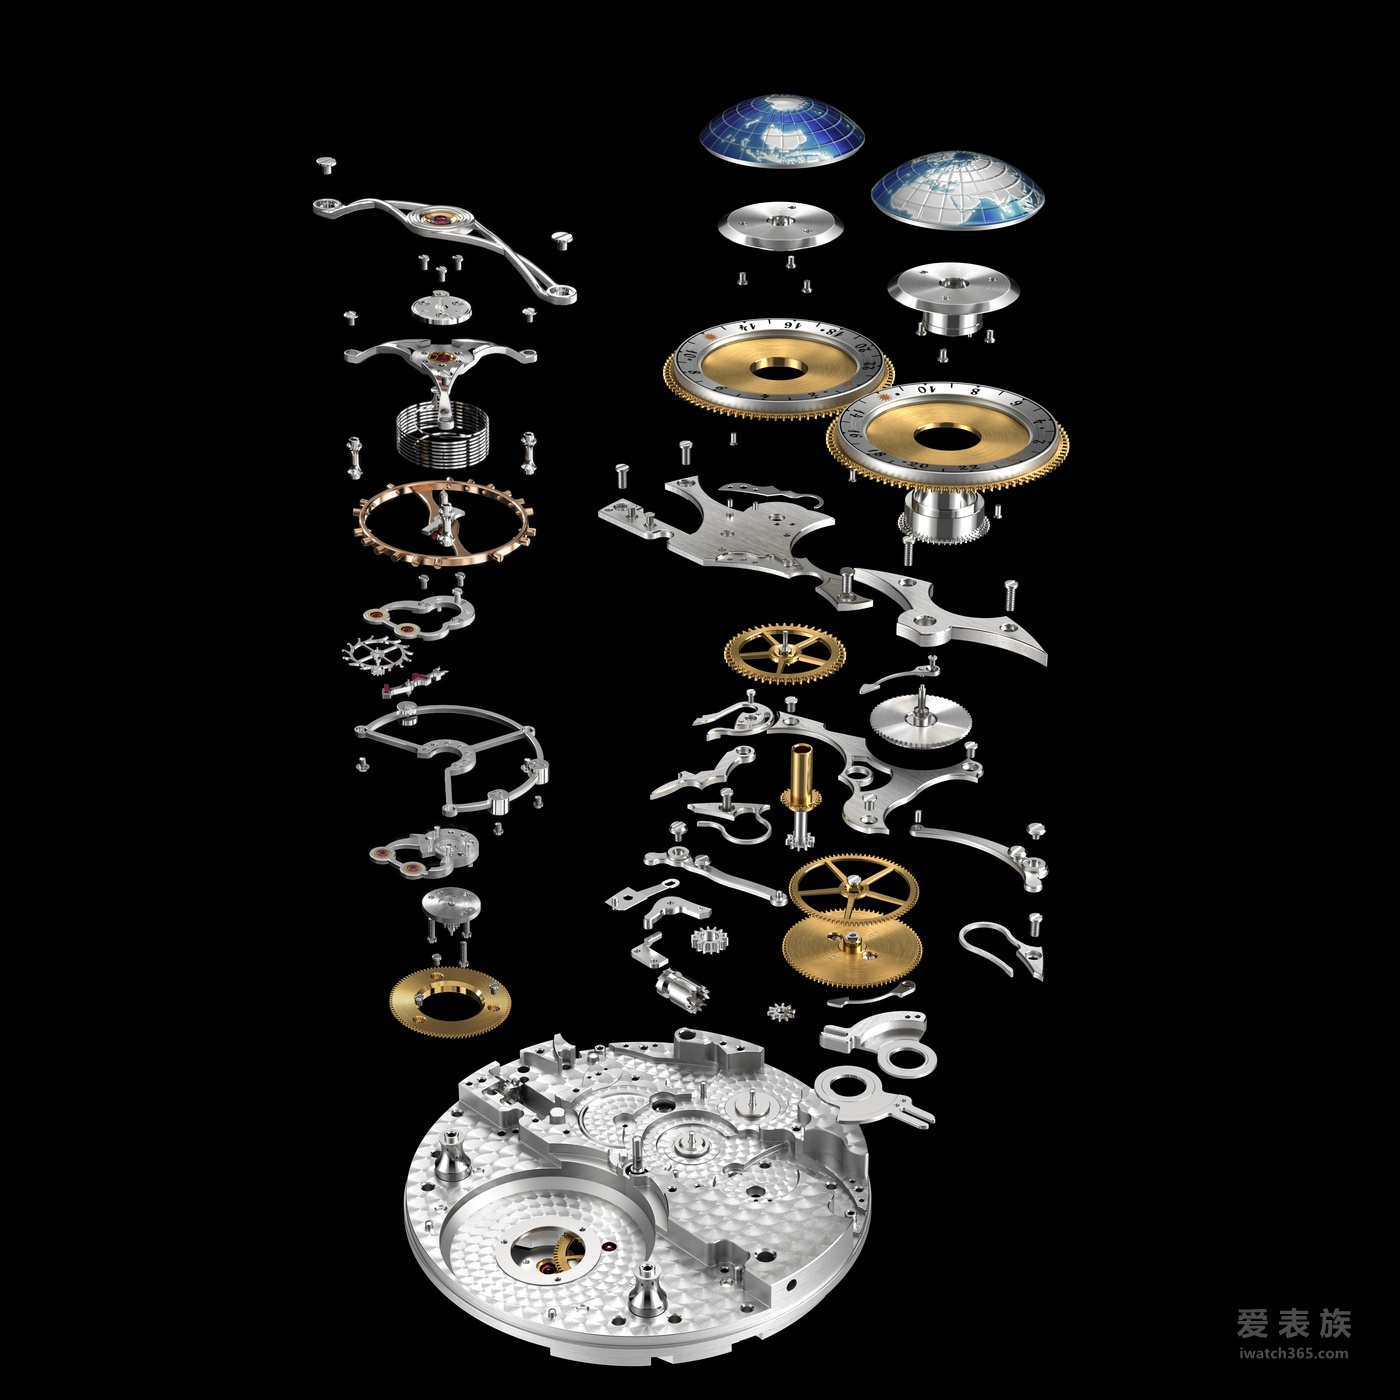 机芯 雕刻师的非凡工艺还体现在手动上链机芯MB M68.40的背面,可透过大气背盖一览无遗。 同样的手工雕刻技艺还运用在装饰这种独特波纹的手制桥板上——装饰机芯下部的波纹 相对平缓,越到机芯顶部越汹涌,旨在向20世纪初穿过危险大西洋的蒸汽船的开拓精神 致敬。手动上链机芯还具备水平缎面处理的主夹板,传统苹果形桥板经精美的内角倒角 处理,手工镌刻机芯编号并装饰黑色珐琅的印记,镜面抛光棘爪和手工制作美耐华箭头, 一切均旨在雕琢传统高级制表美学的崭新境界。